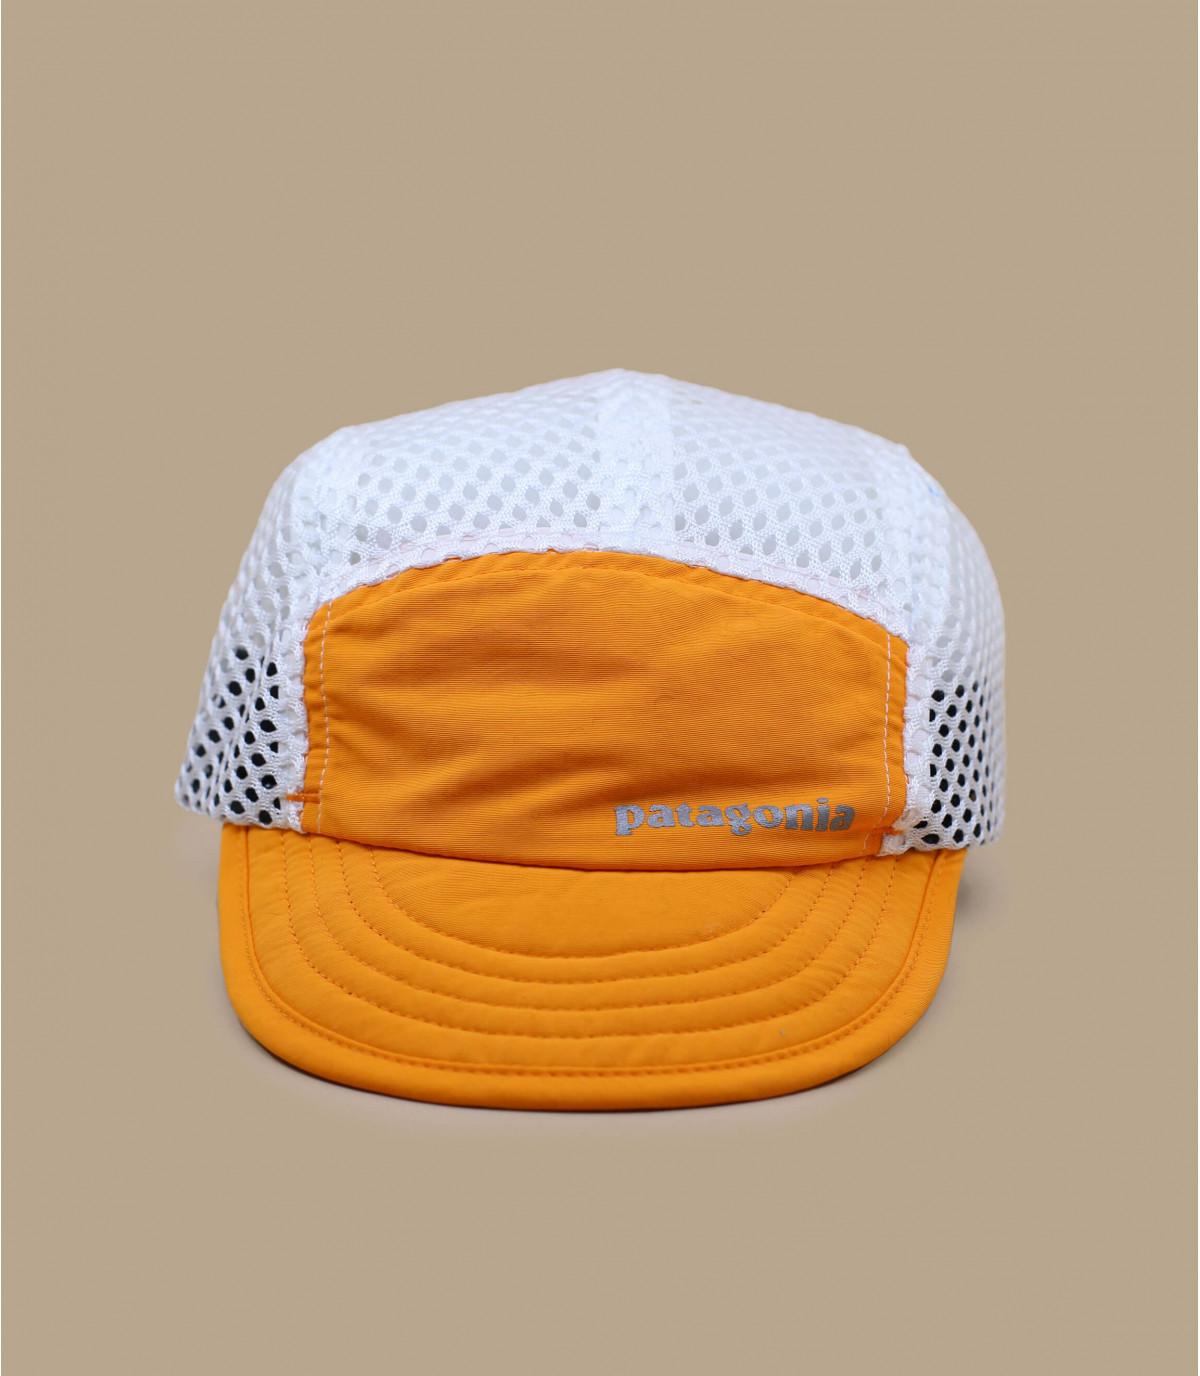 orange Patagonia cap